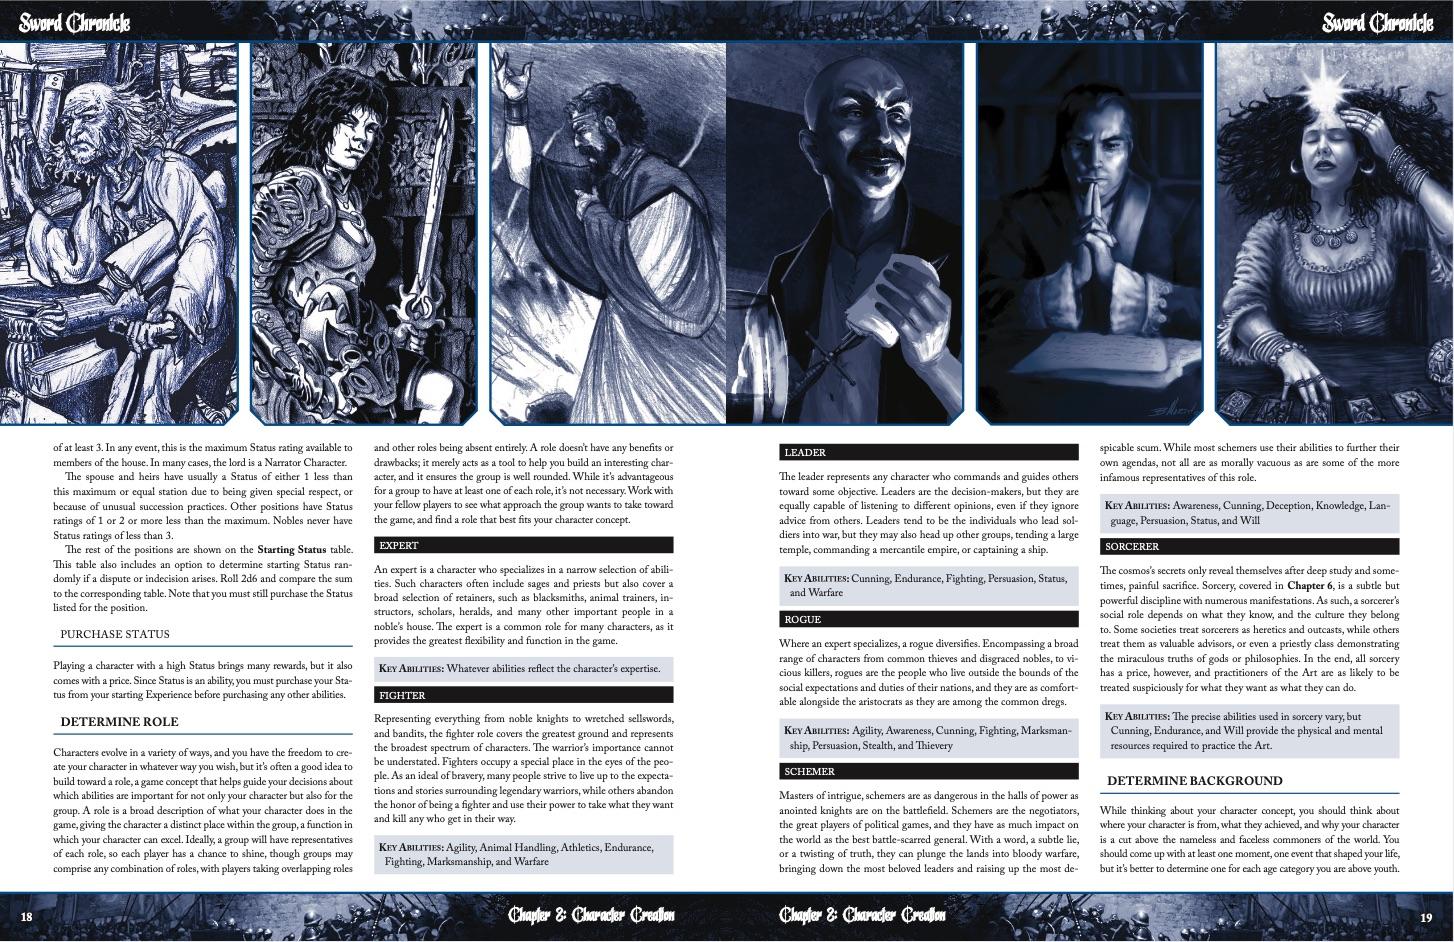 sword-chronicle-pp18-19.jpg